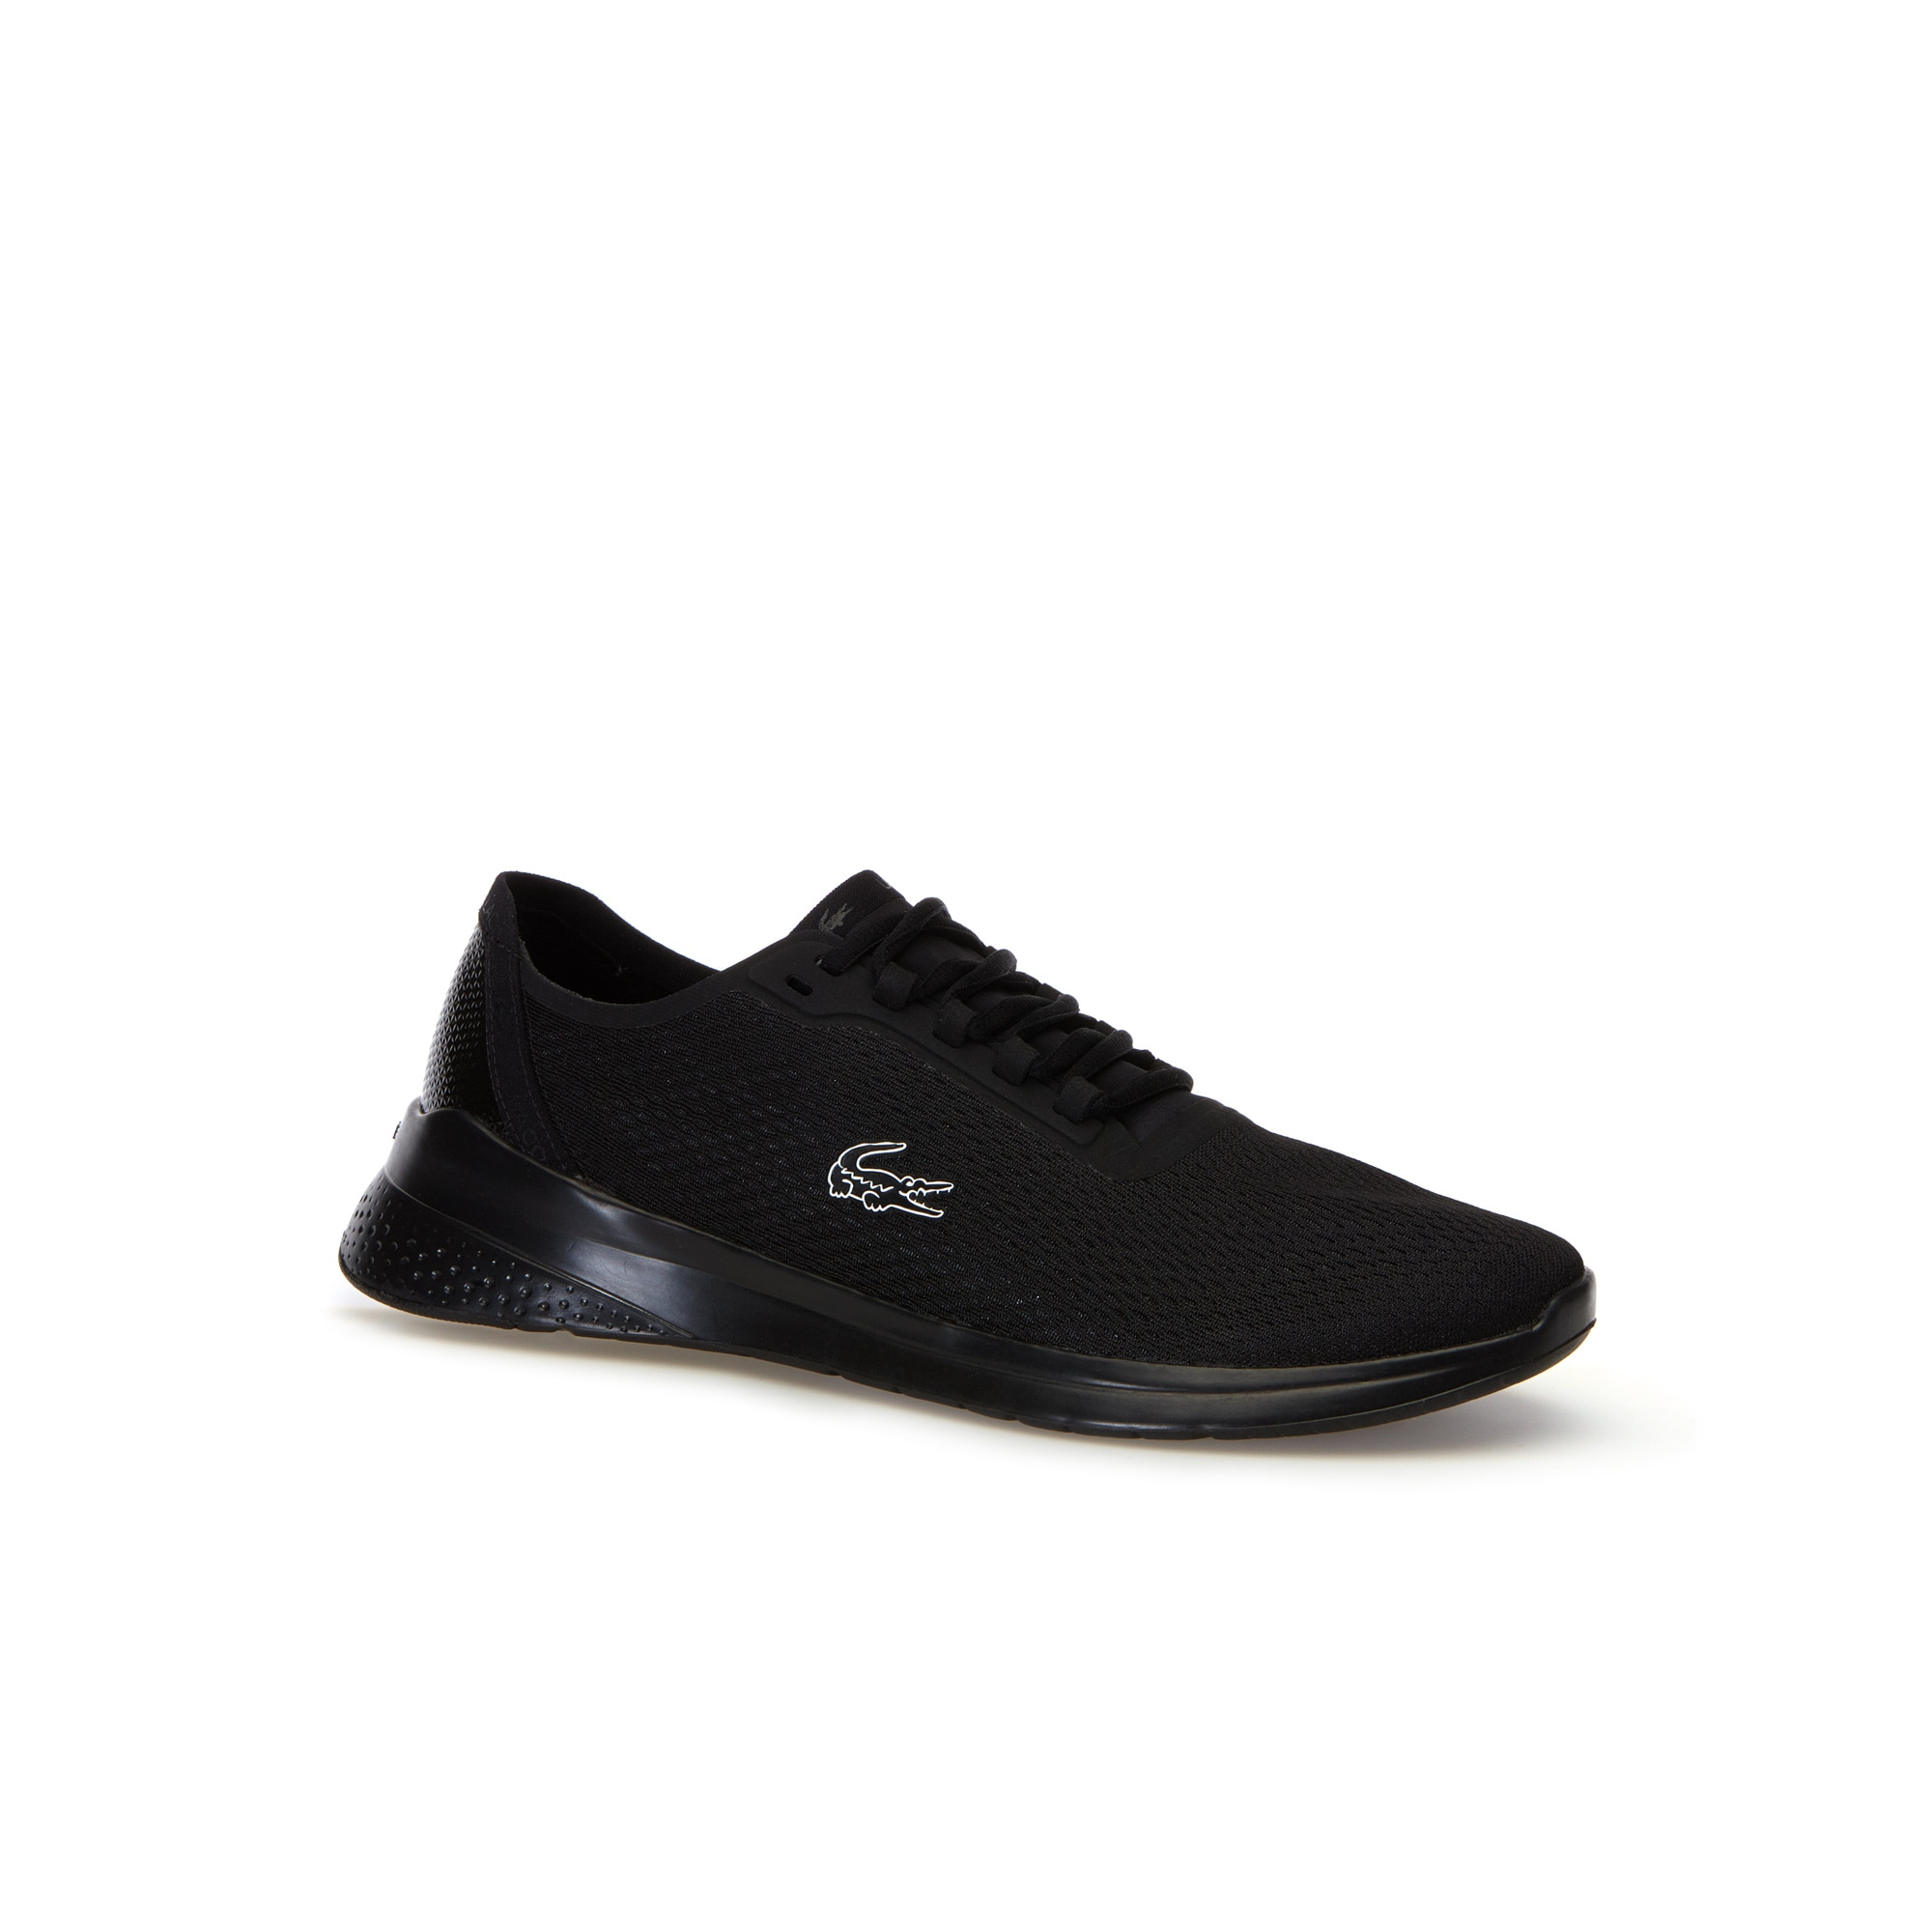 Sneakers LT Fit SPORT homme en résille métallique